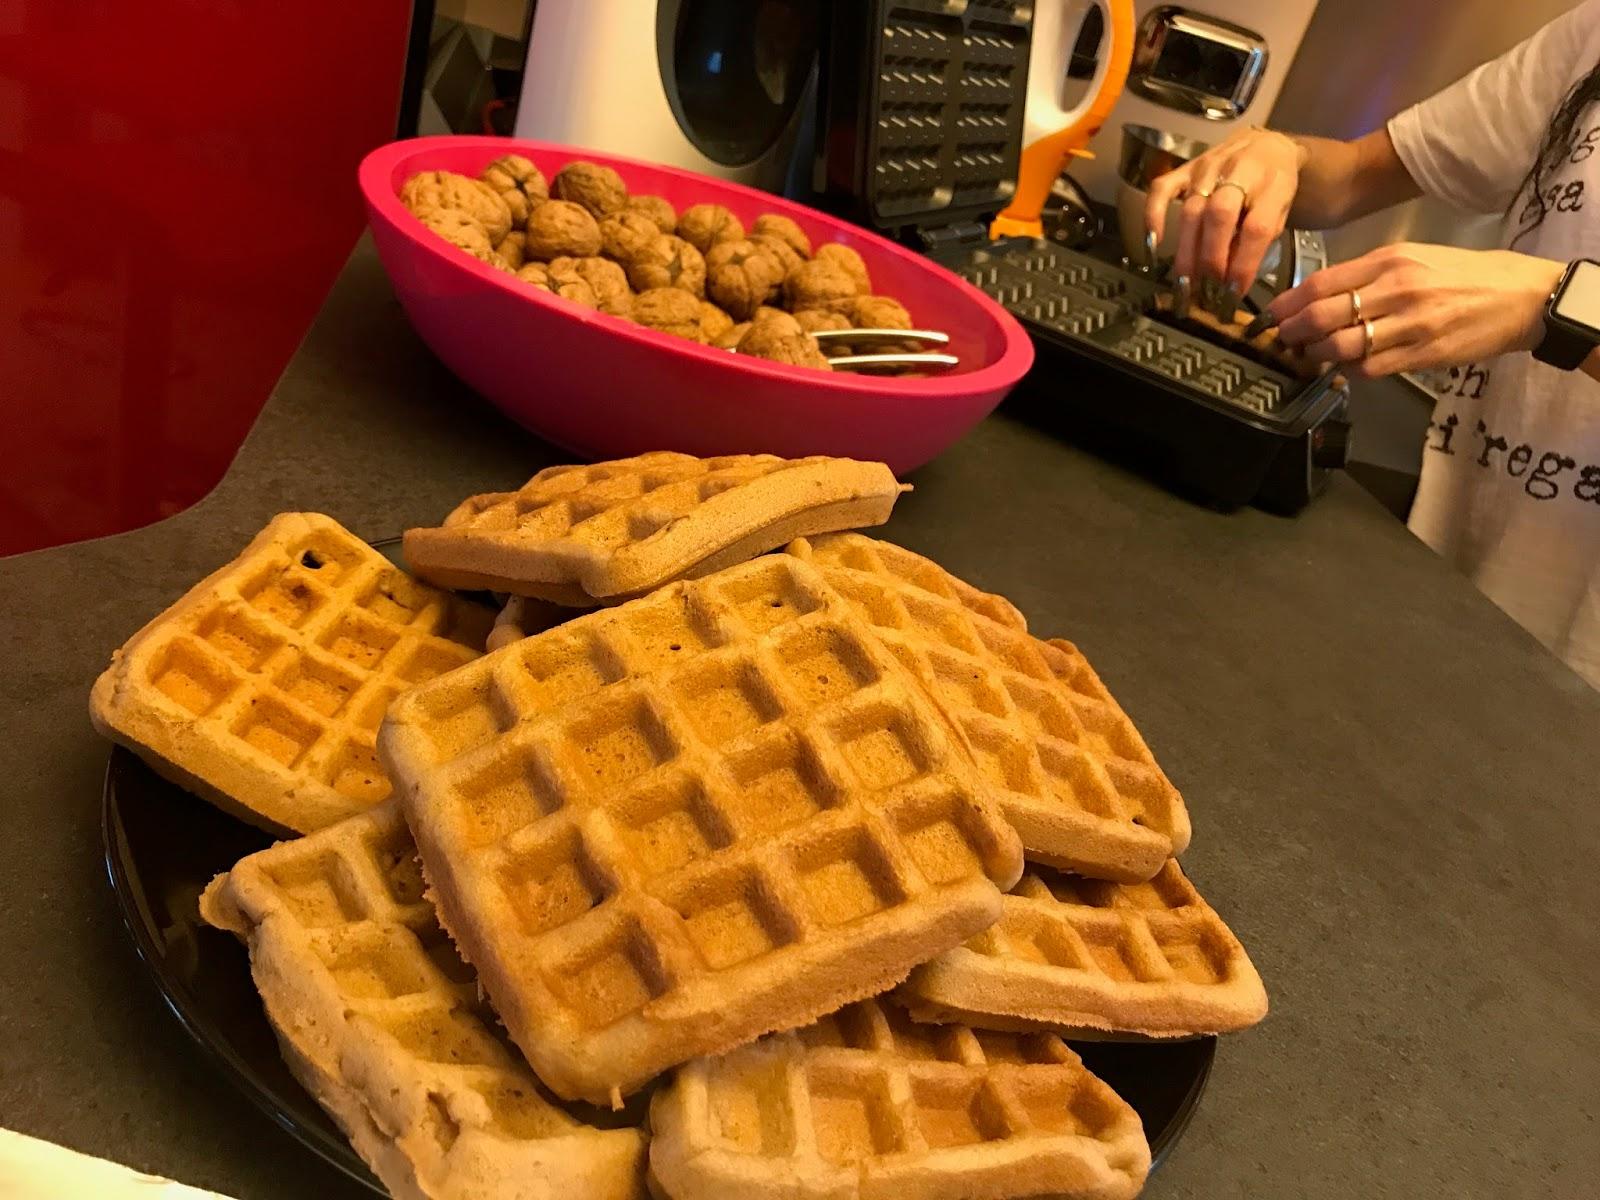 Ricetta Waffle Senza Burro Con Bimby.Con E Senza Bimby Waffle Senza Latte Senza Burro Senza Lievito